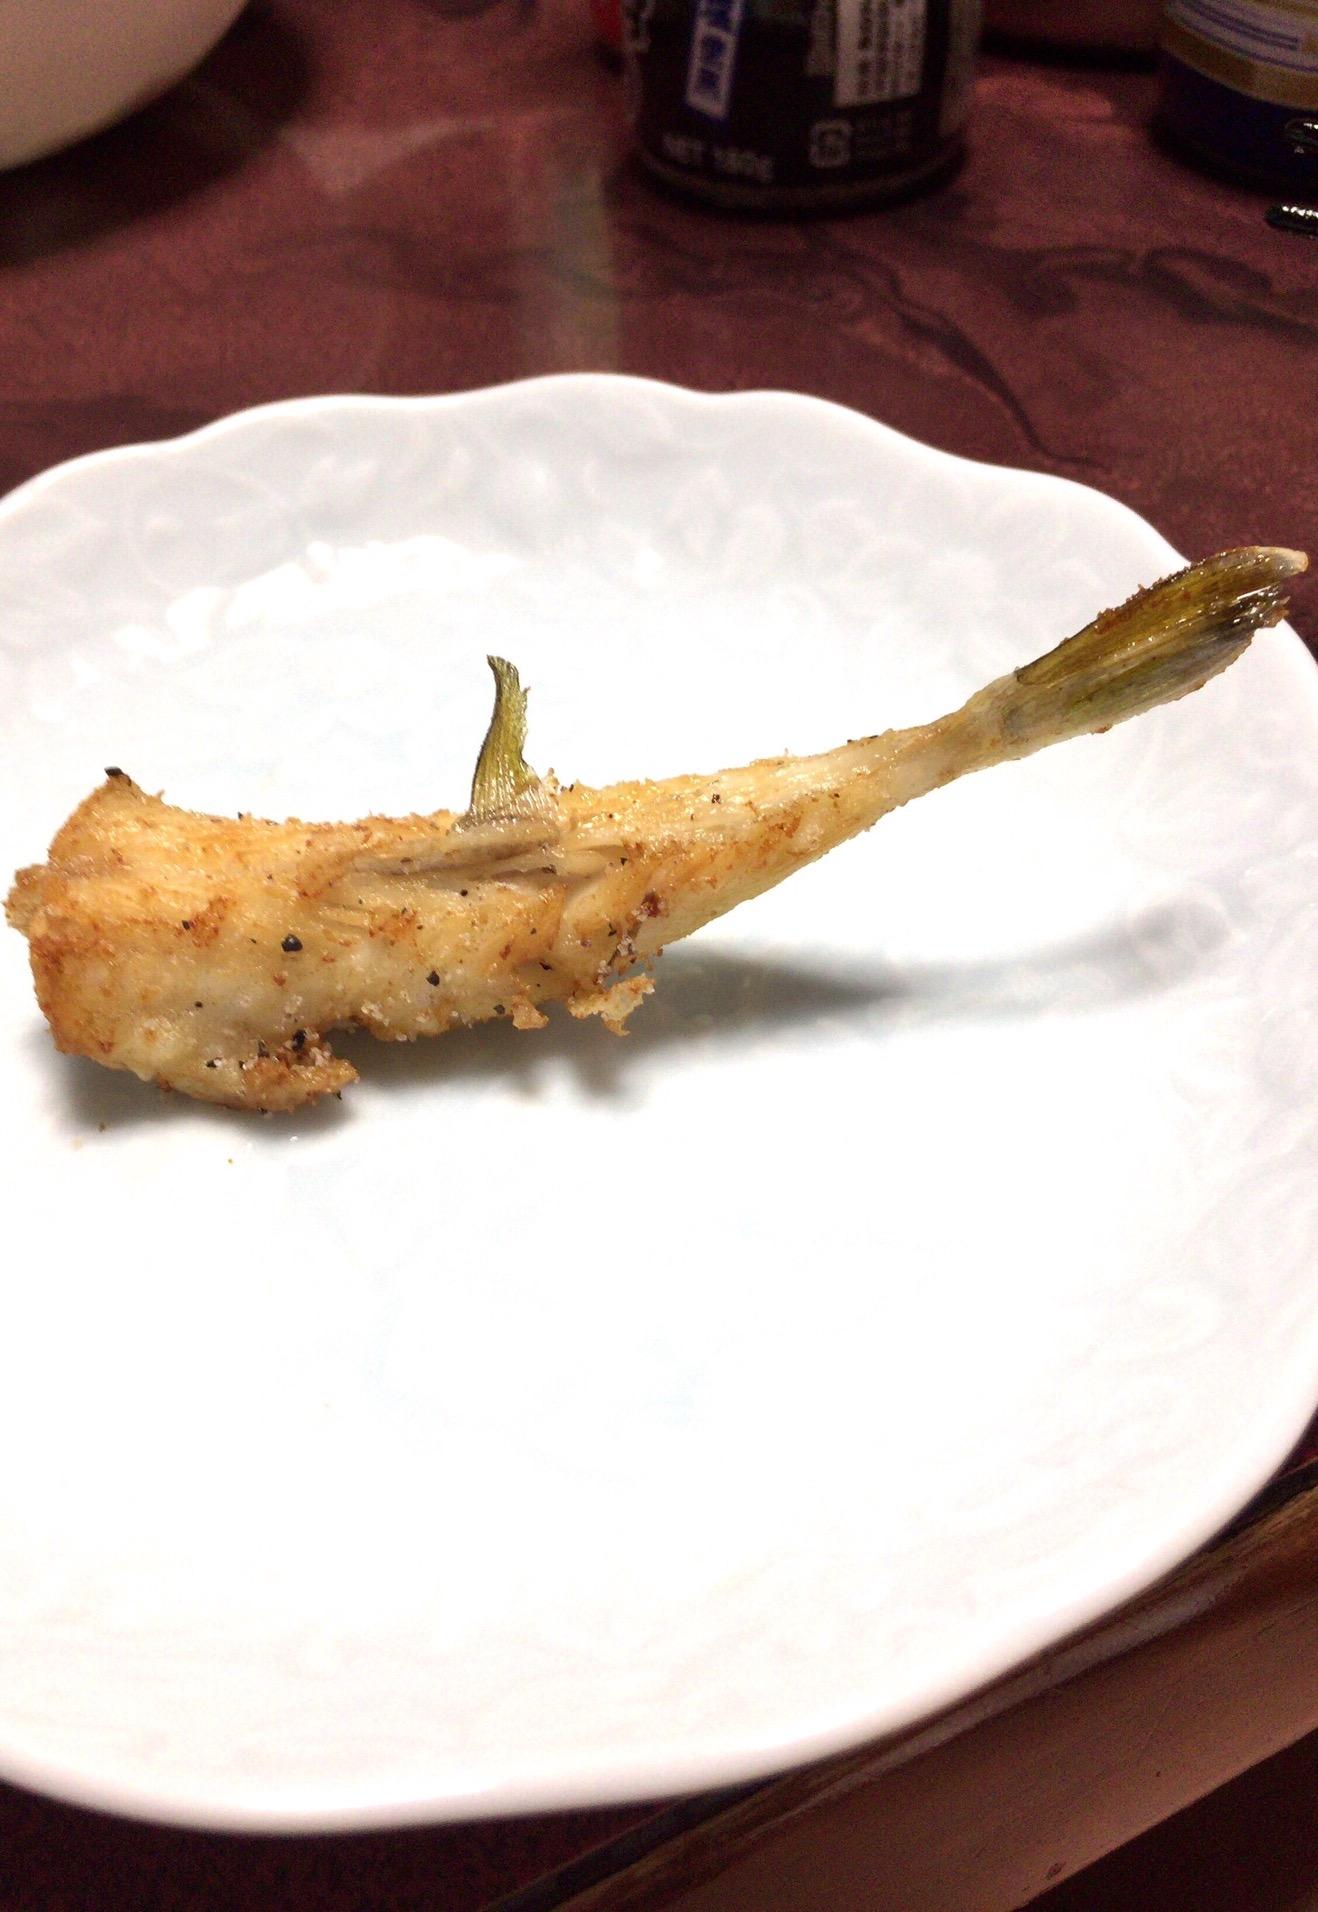 キンプグの唐揚げはシッカリとした旨味と引き締まった歯応え(撮影:中野龍三)。